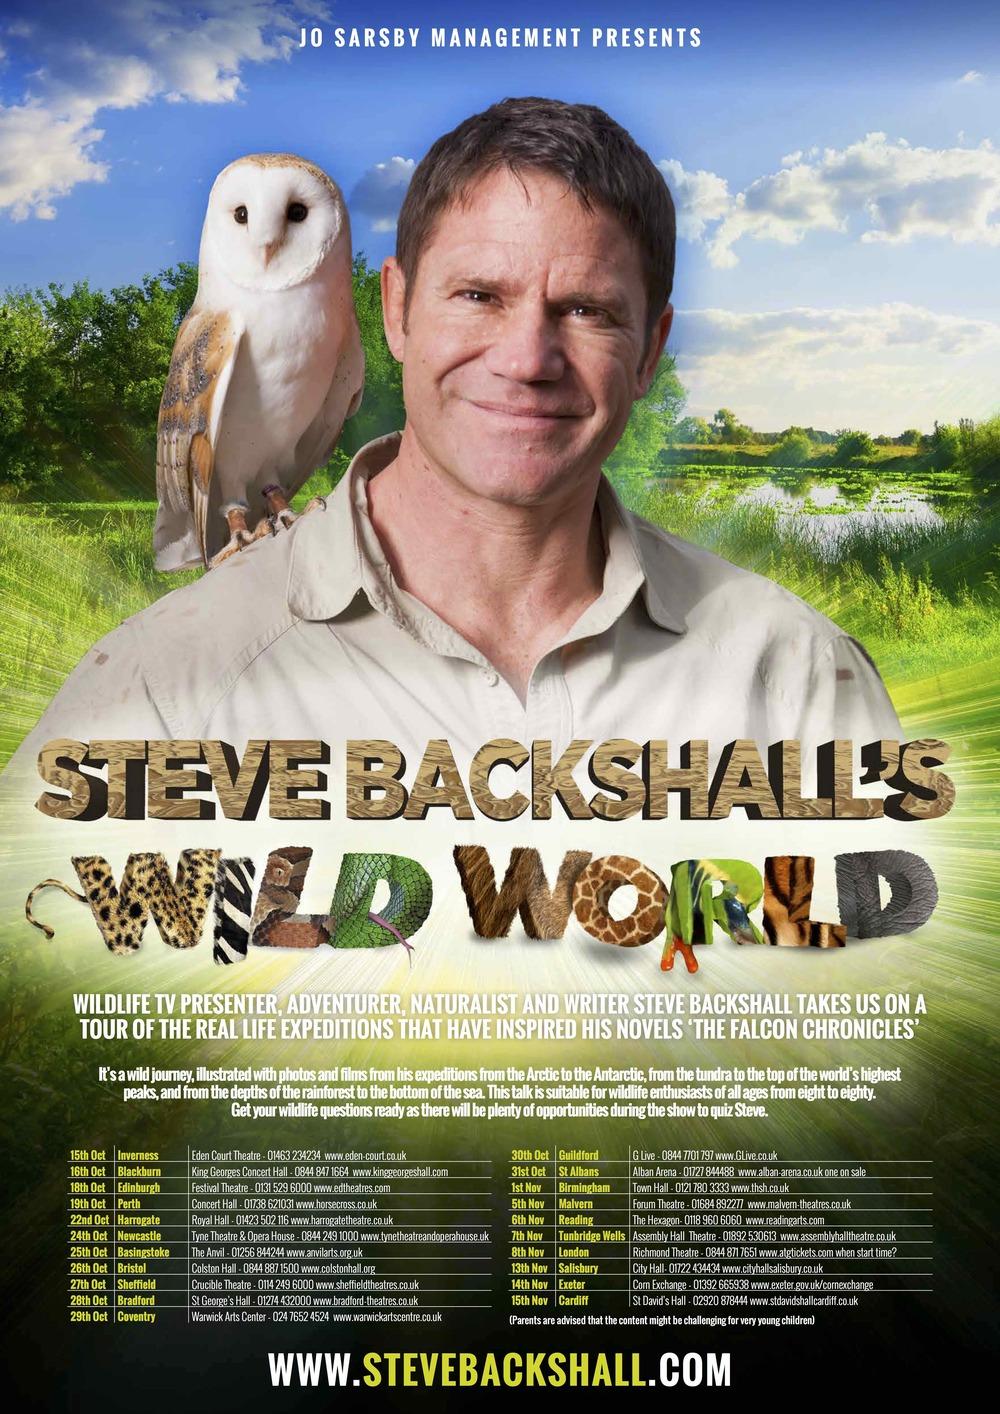 Steve Backshall Wild World Tour 2015 poster